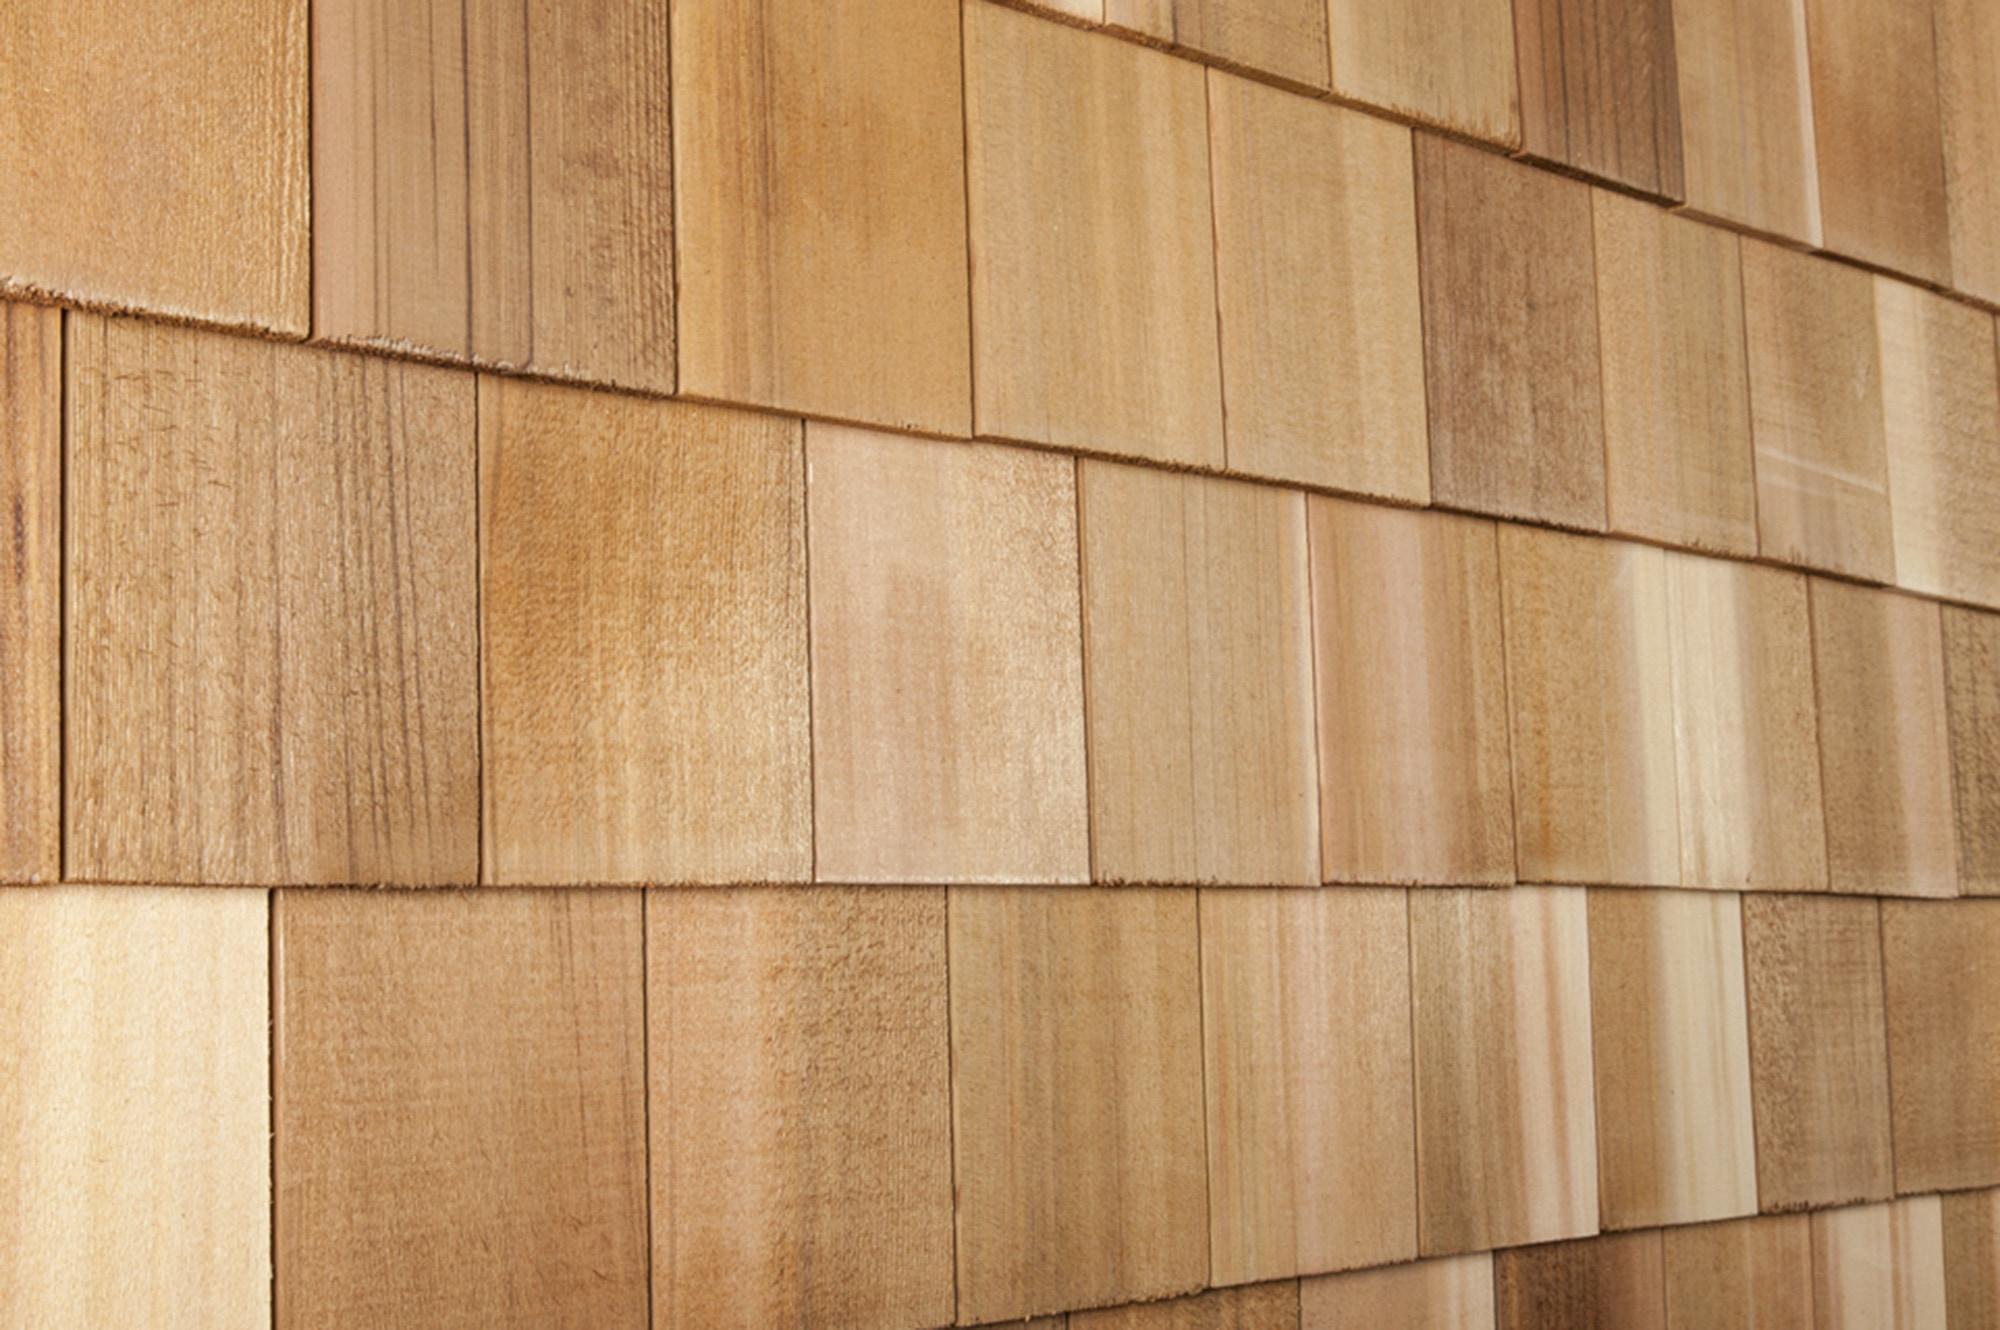 Cedar west cedar decorator shingles wide square 4 15 16 x for Siding square